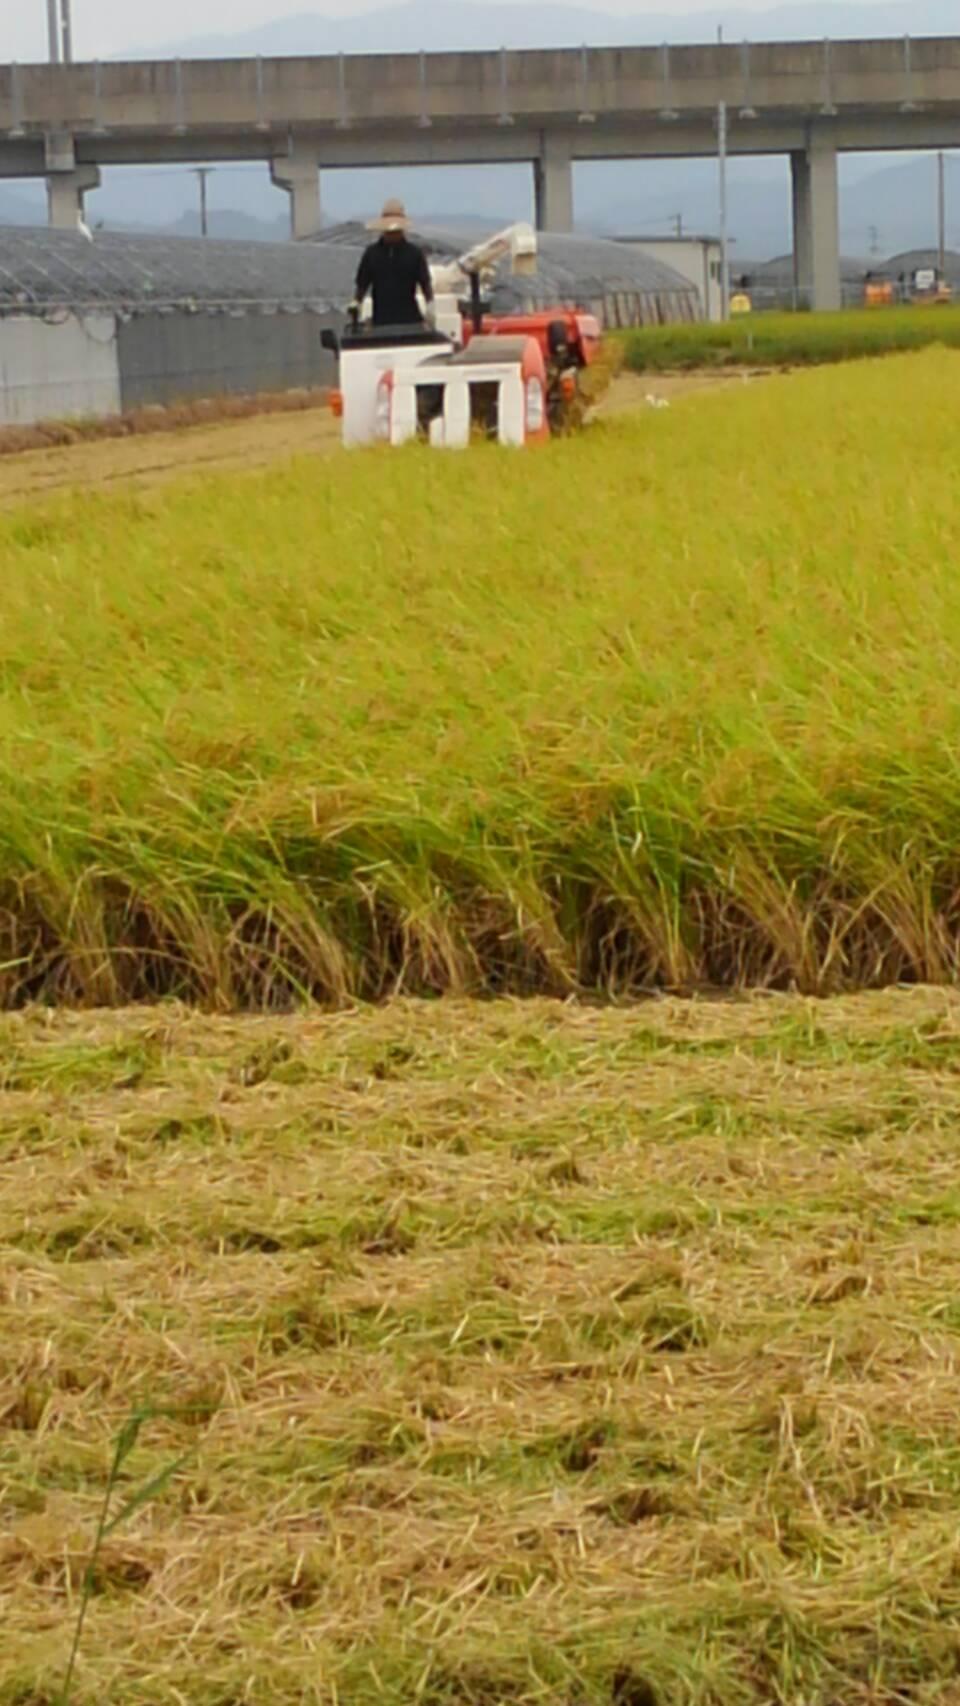 【自然栽培】ヒノヒカリの6年目冬期湛水自家採種無肥料無農薬・玄米3kg レターパック